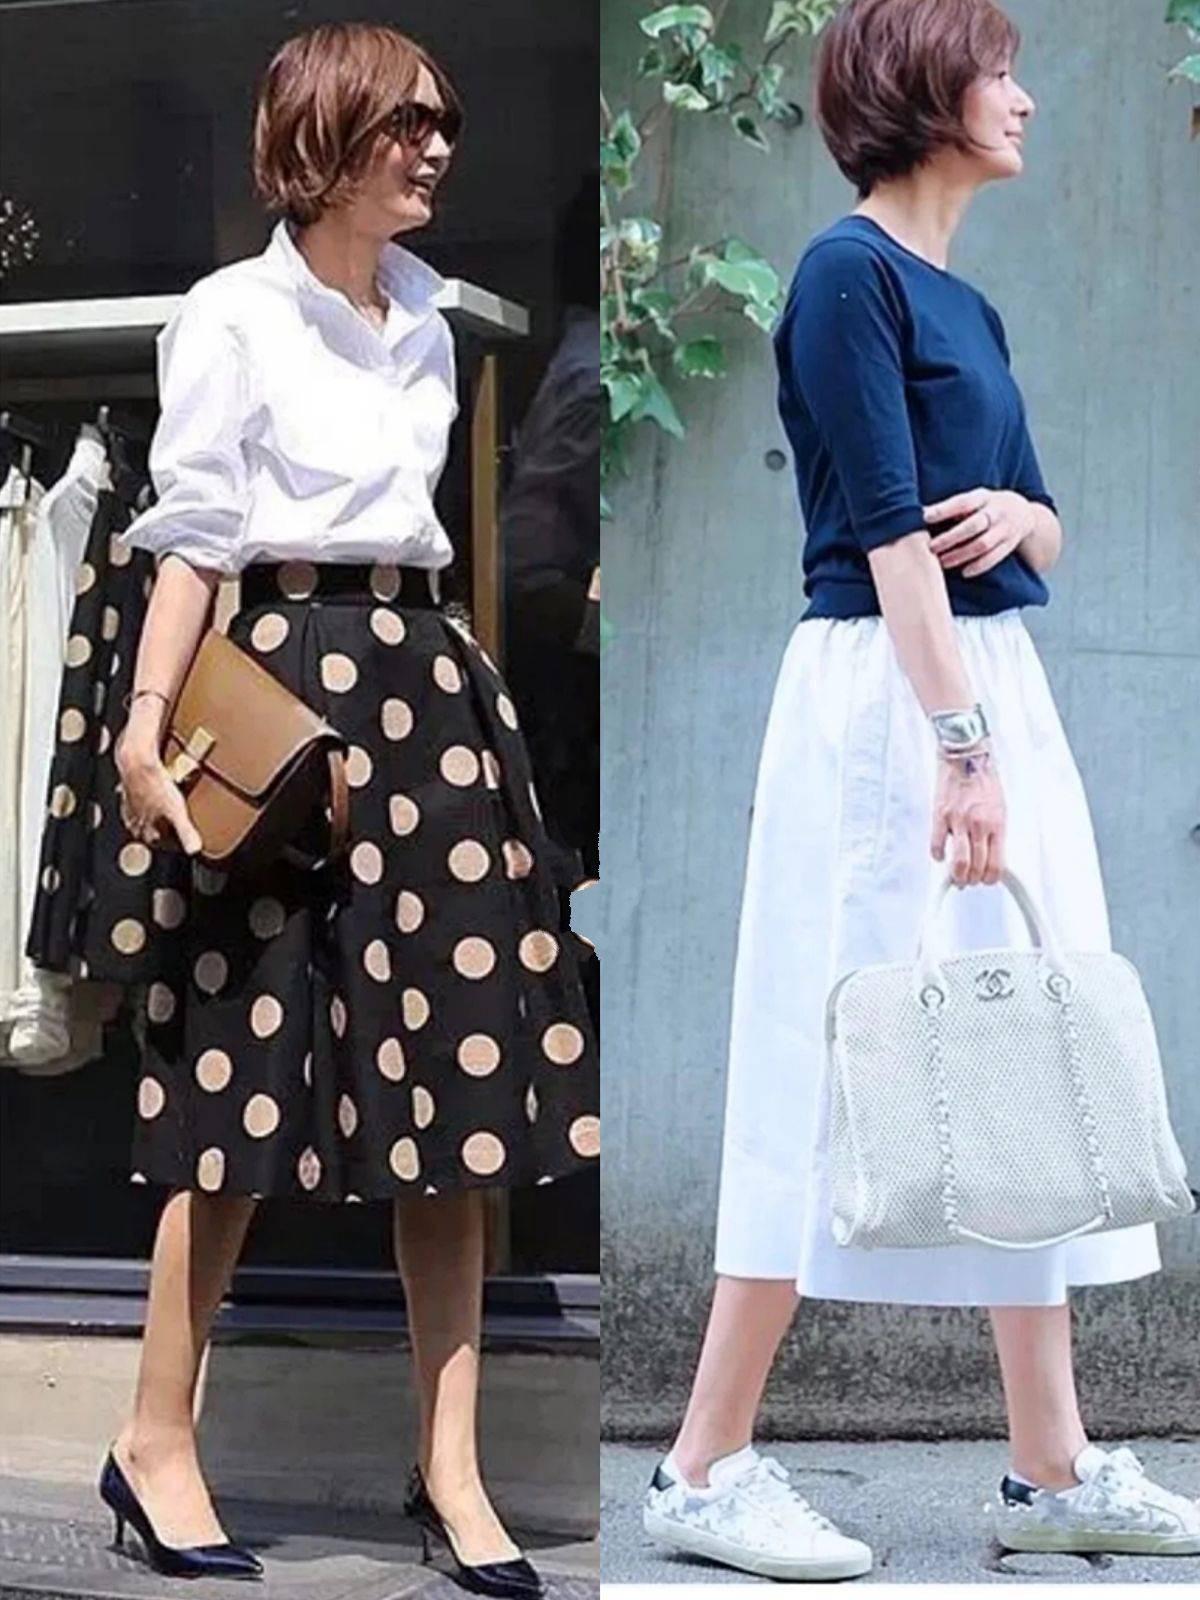 原创             日本52岁博主,为你道出穿衣精髓,这才是熟龄女人该有的夏日打扮